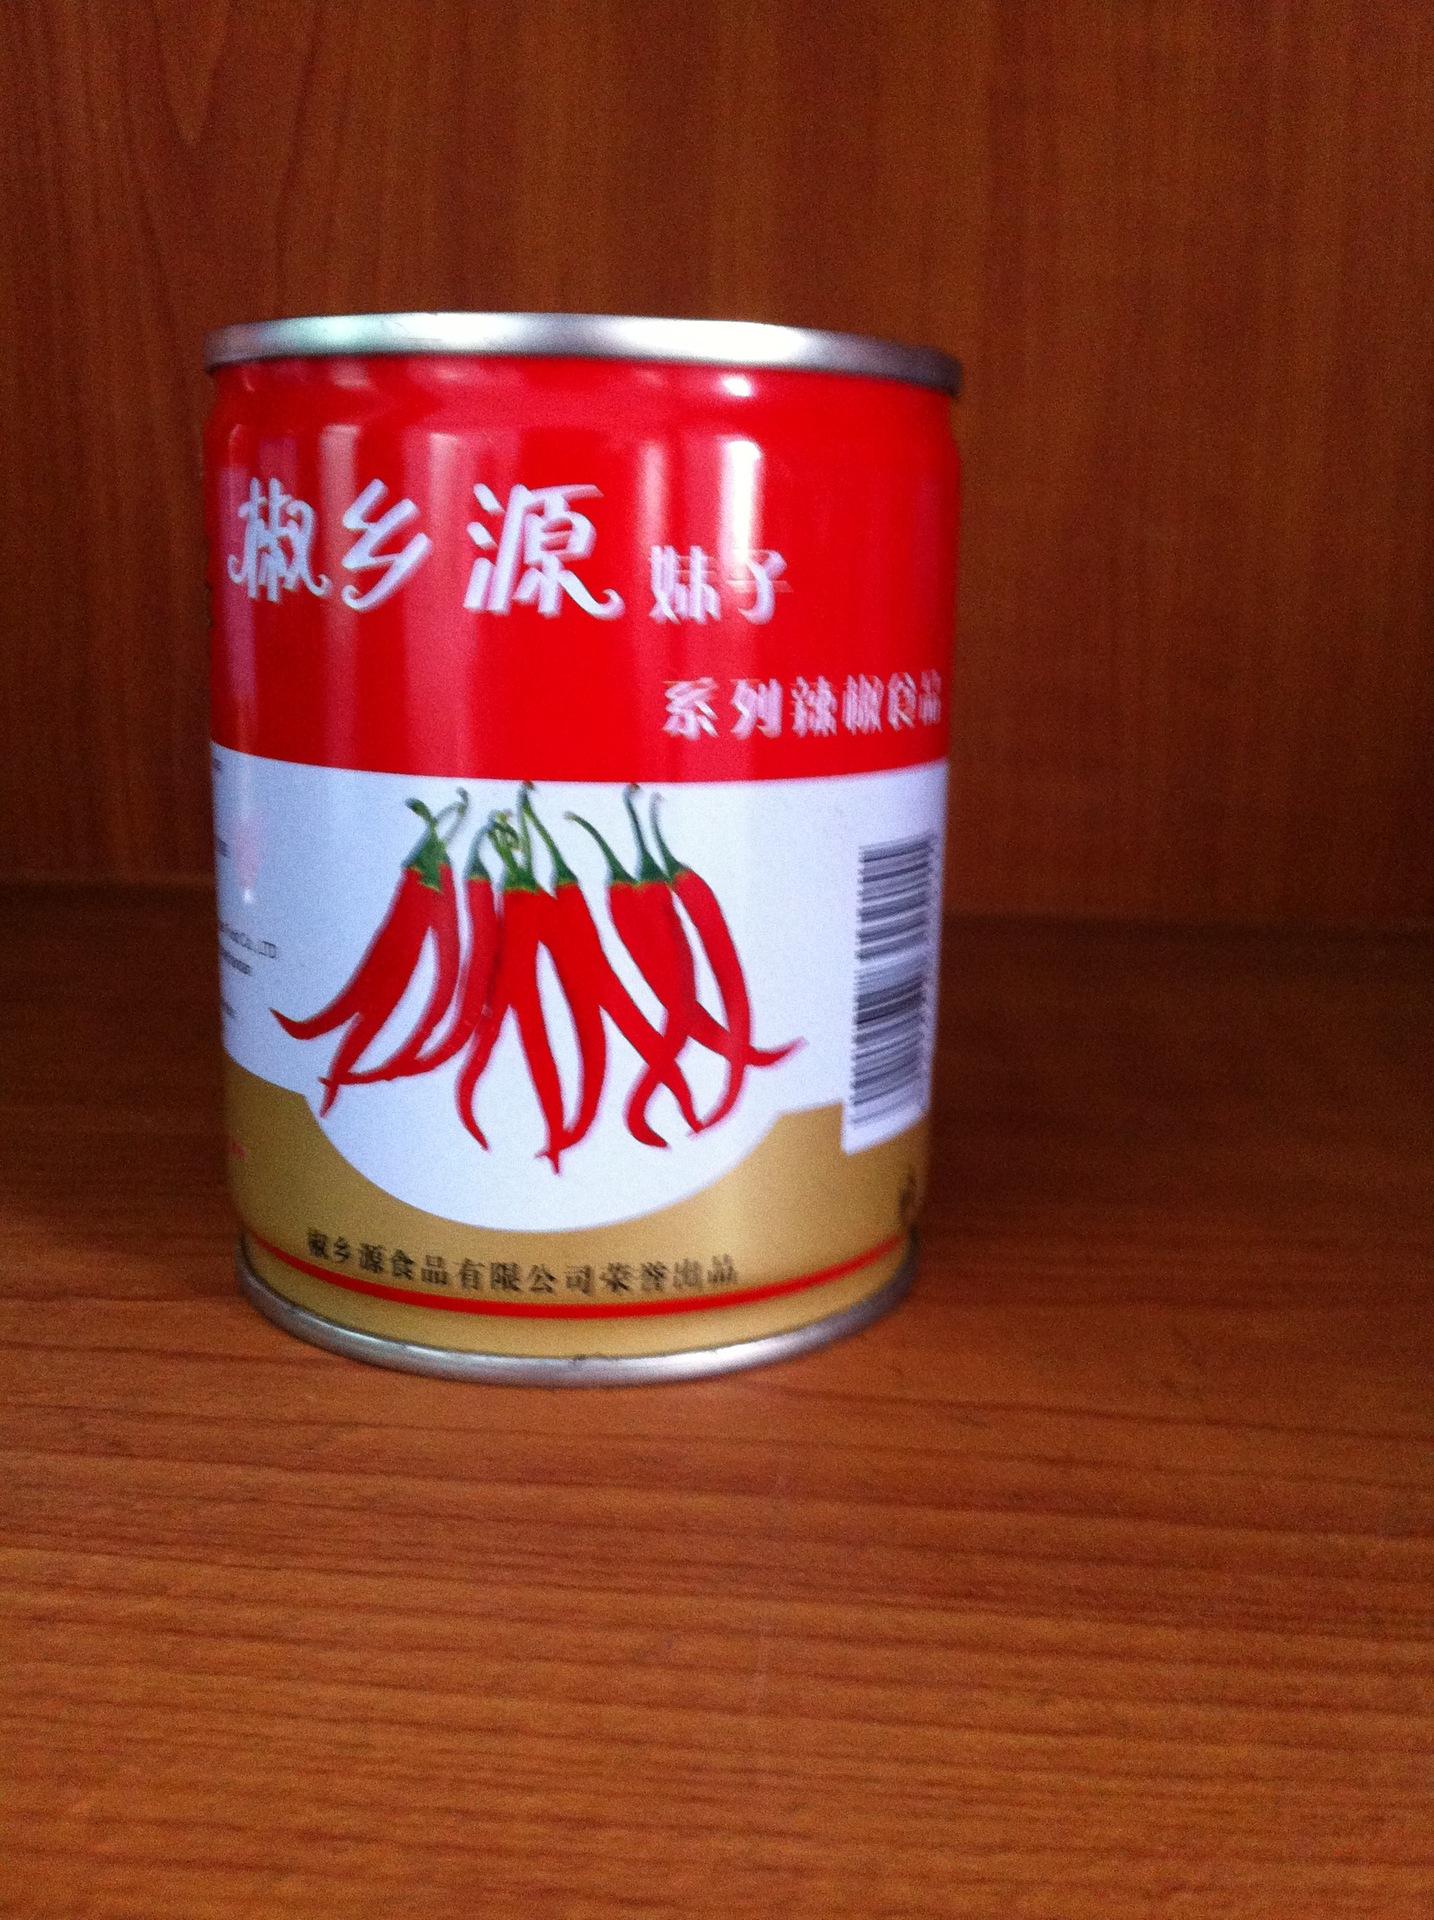 供应椒乡源辣椒酱调味品易拉罐包装248克冬天挂面怎样干图片